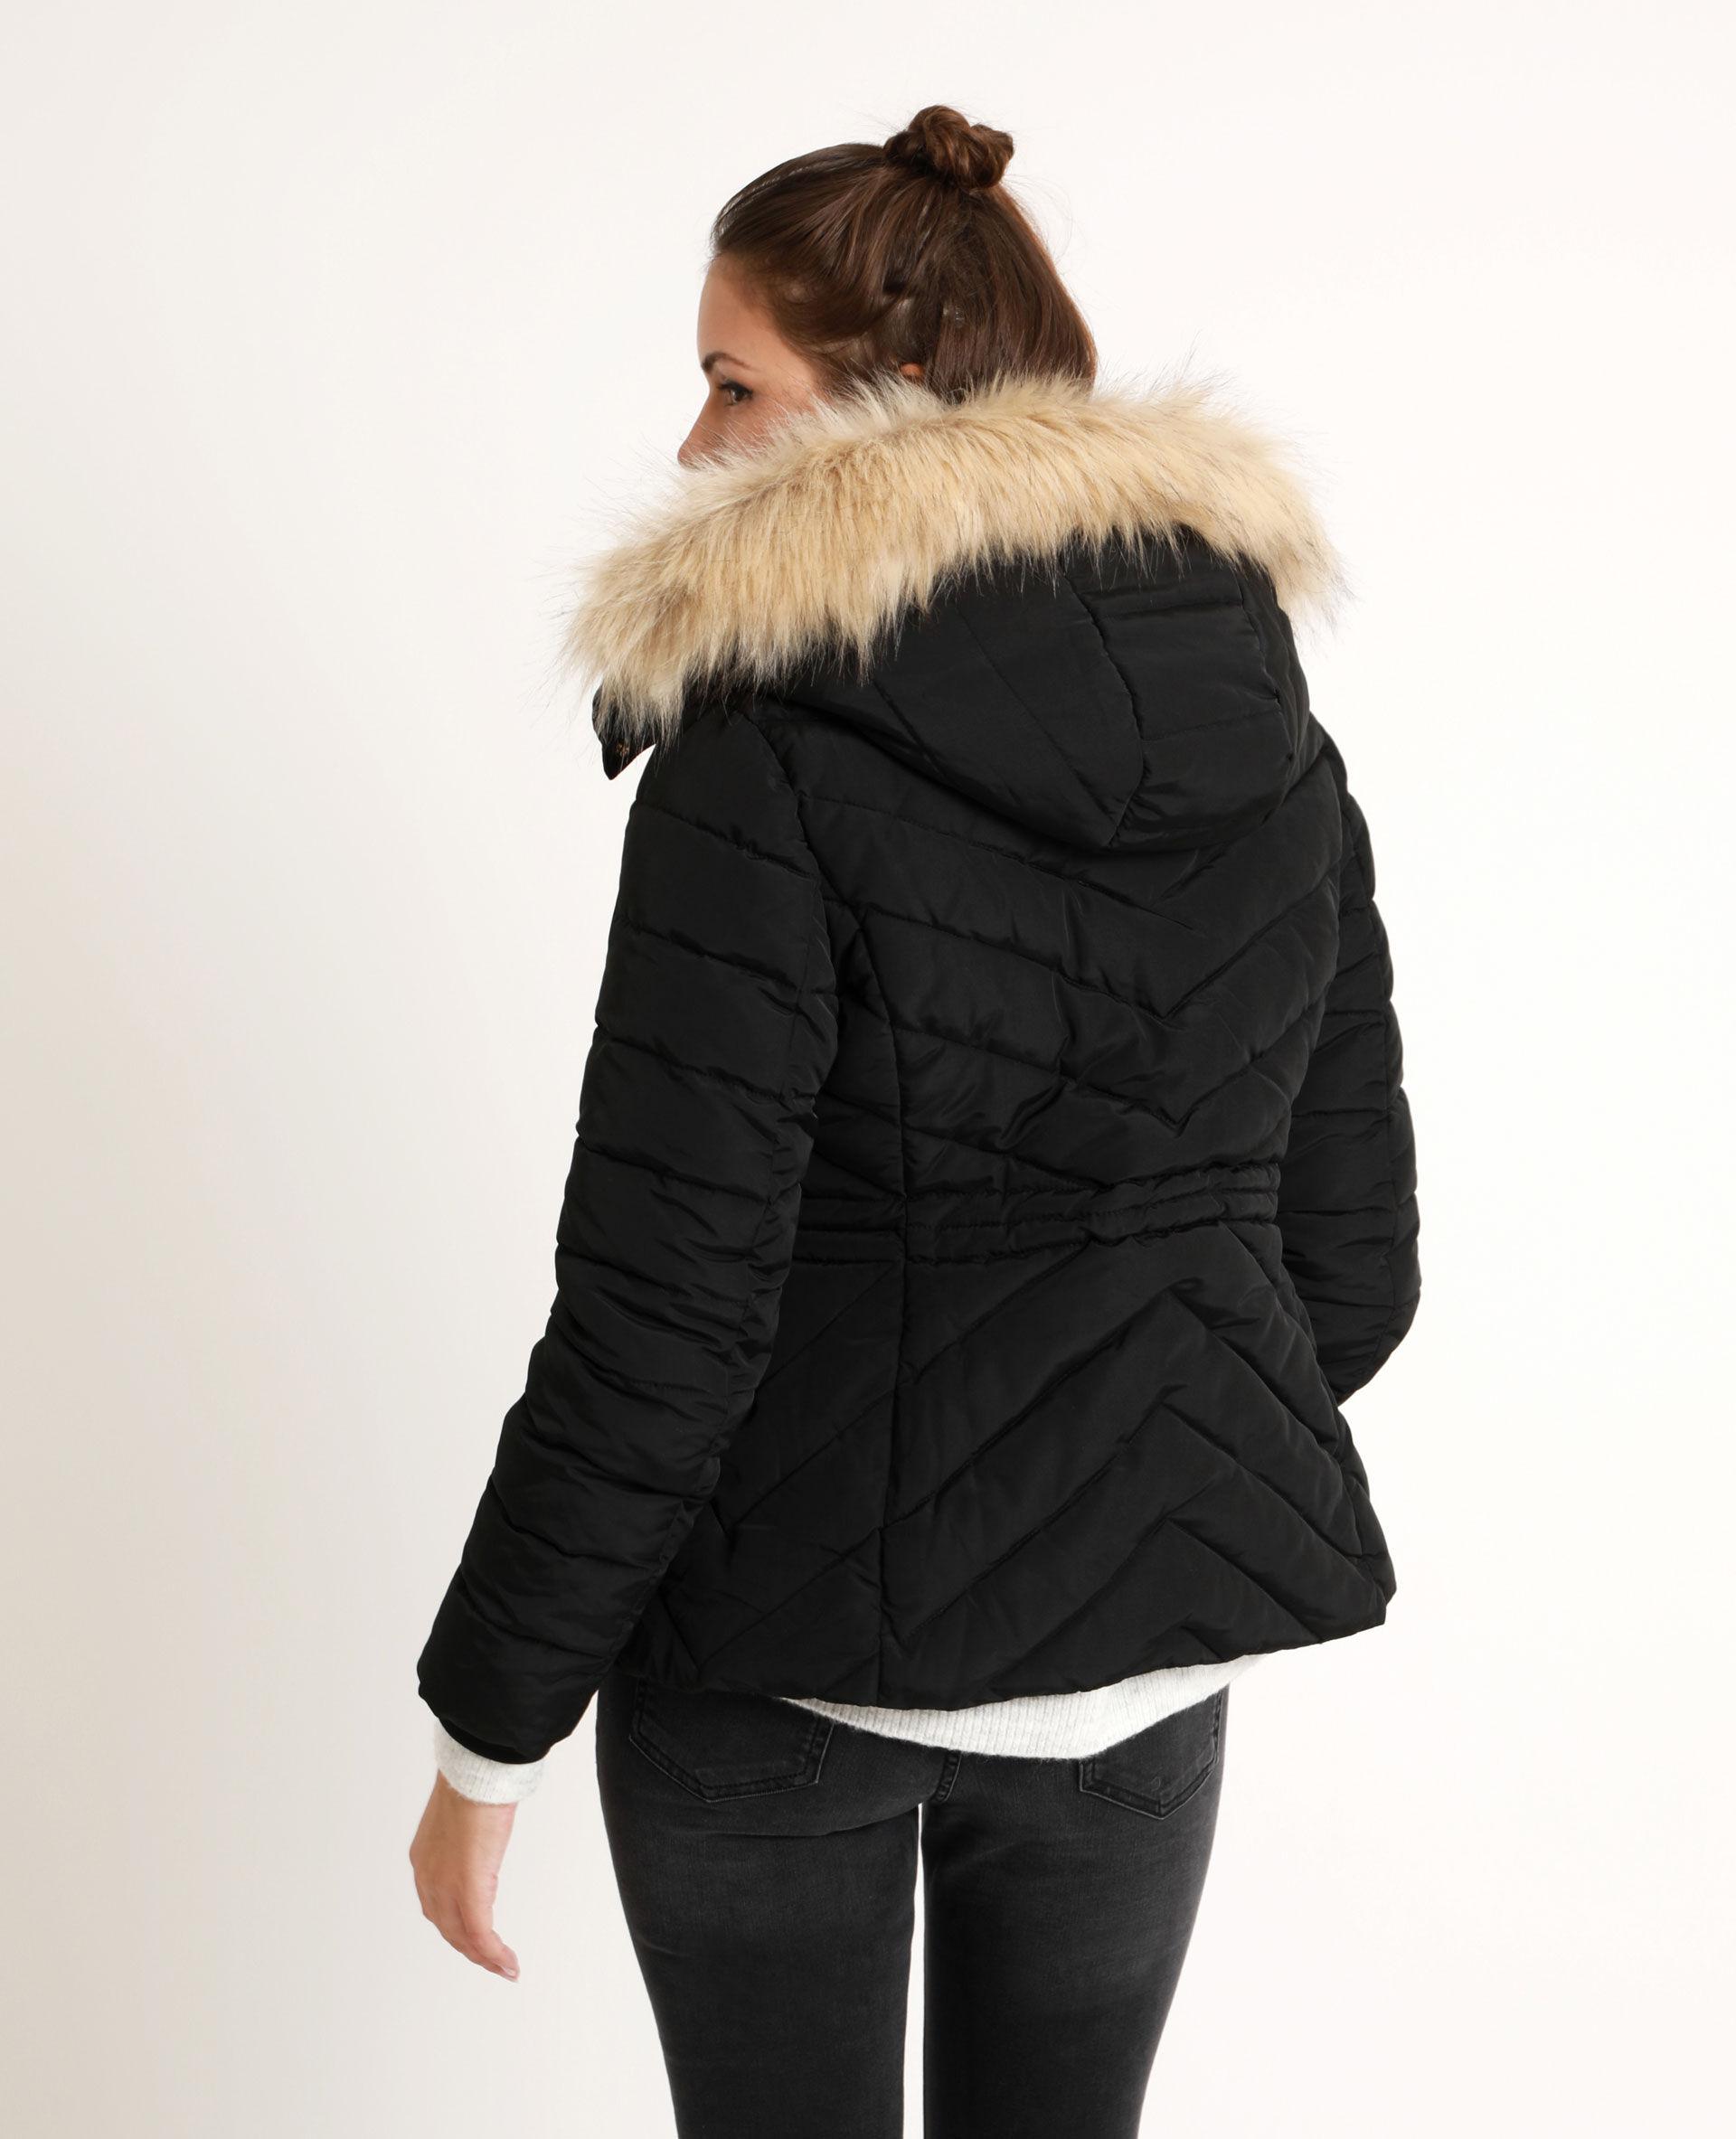 Manteau laine ample femme